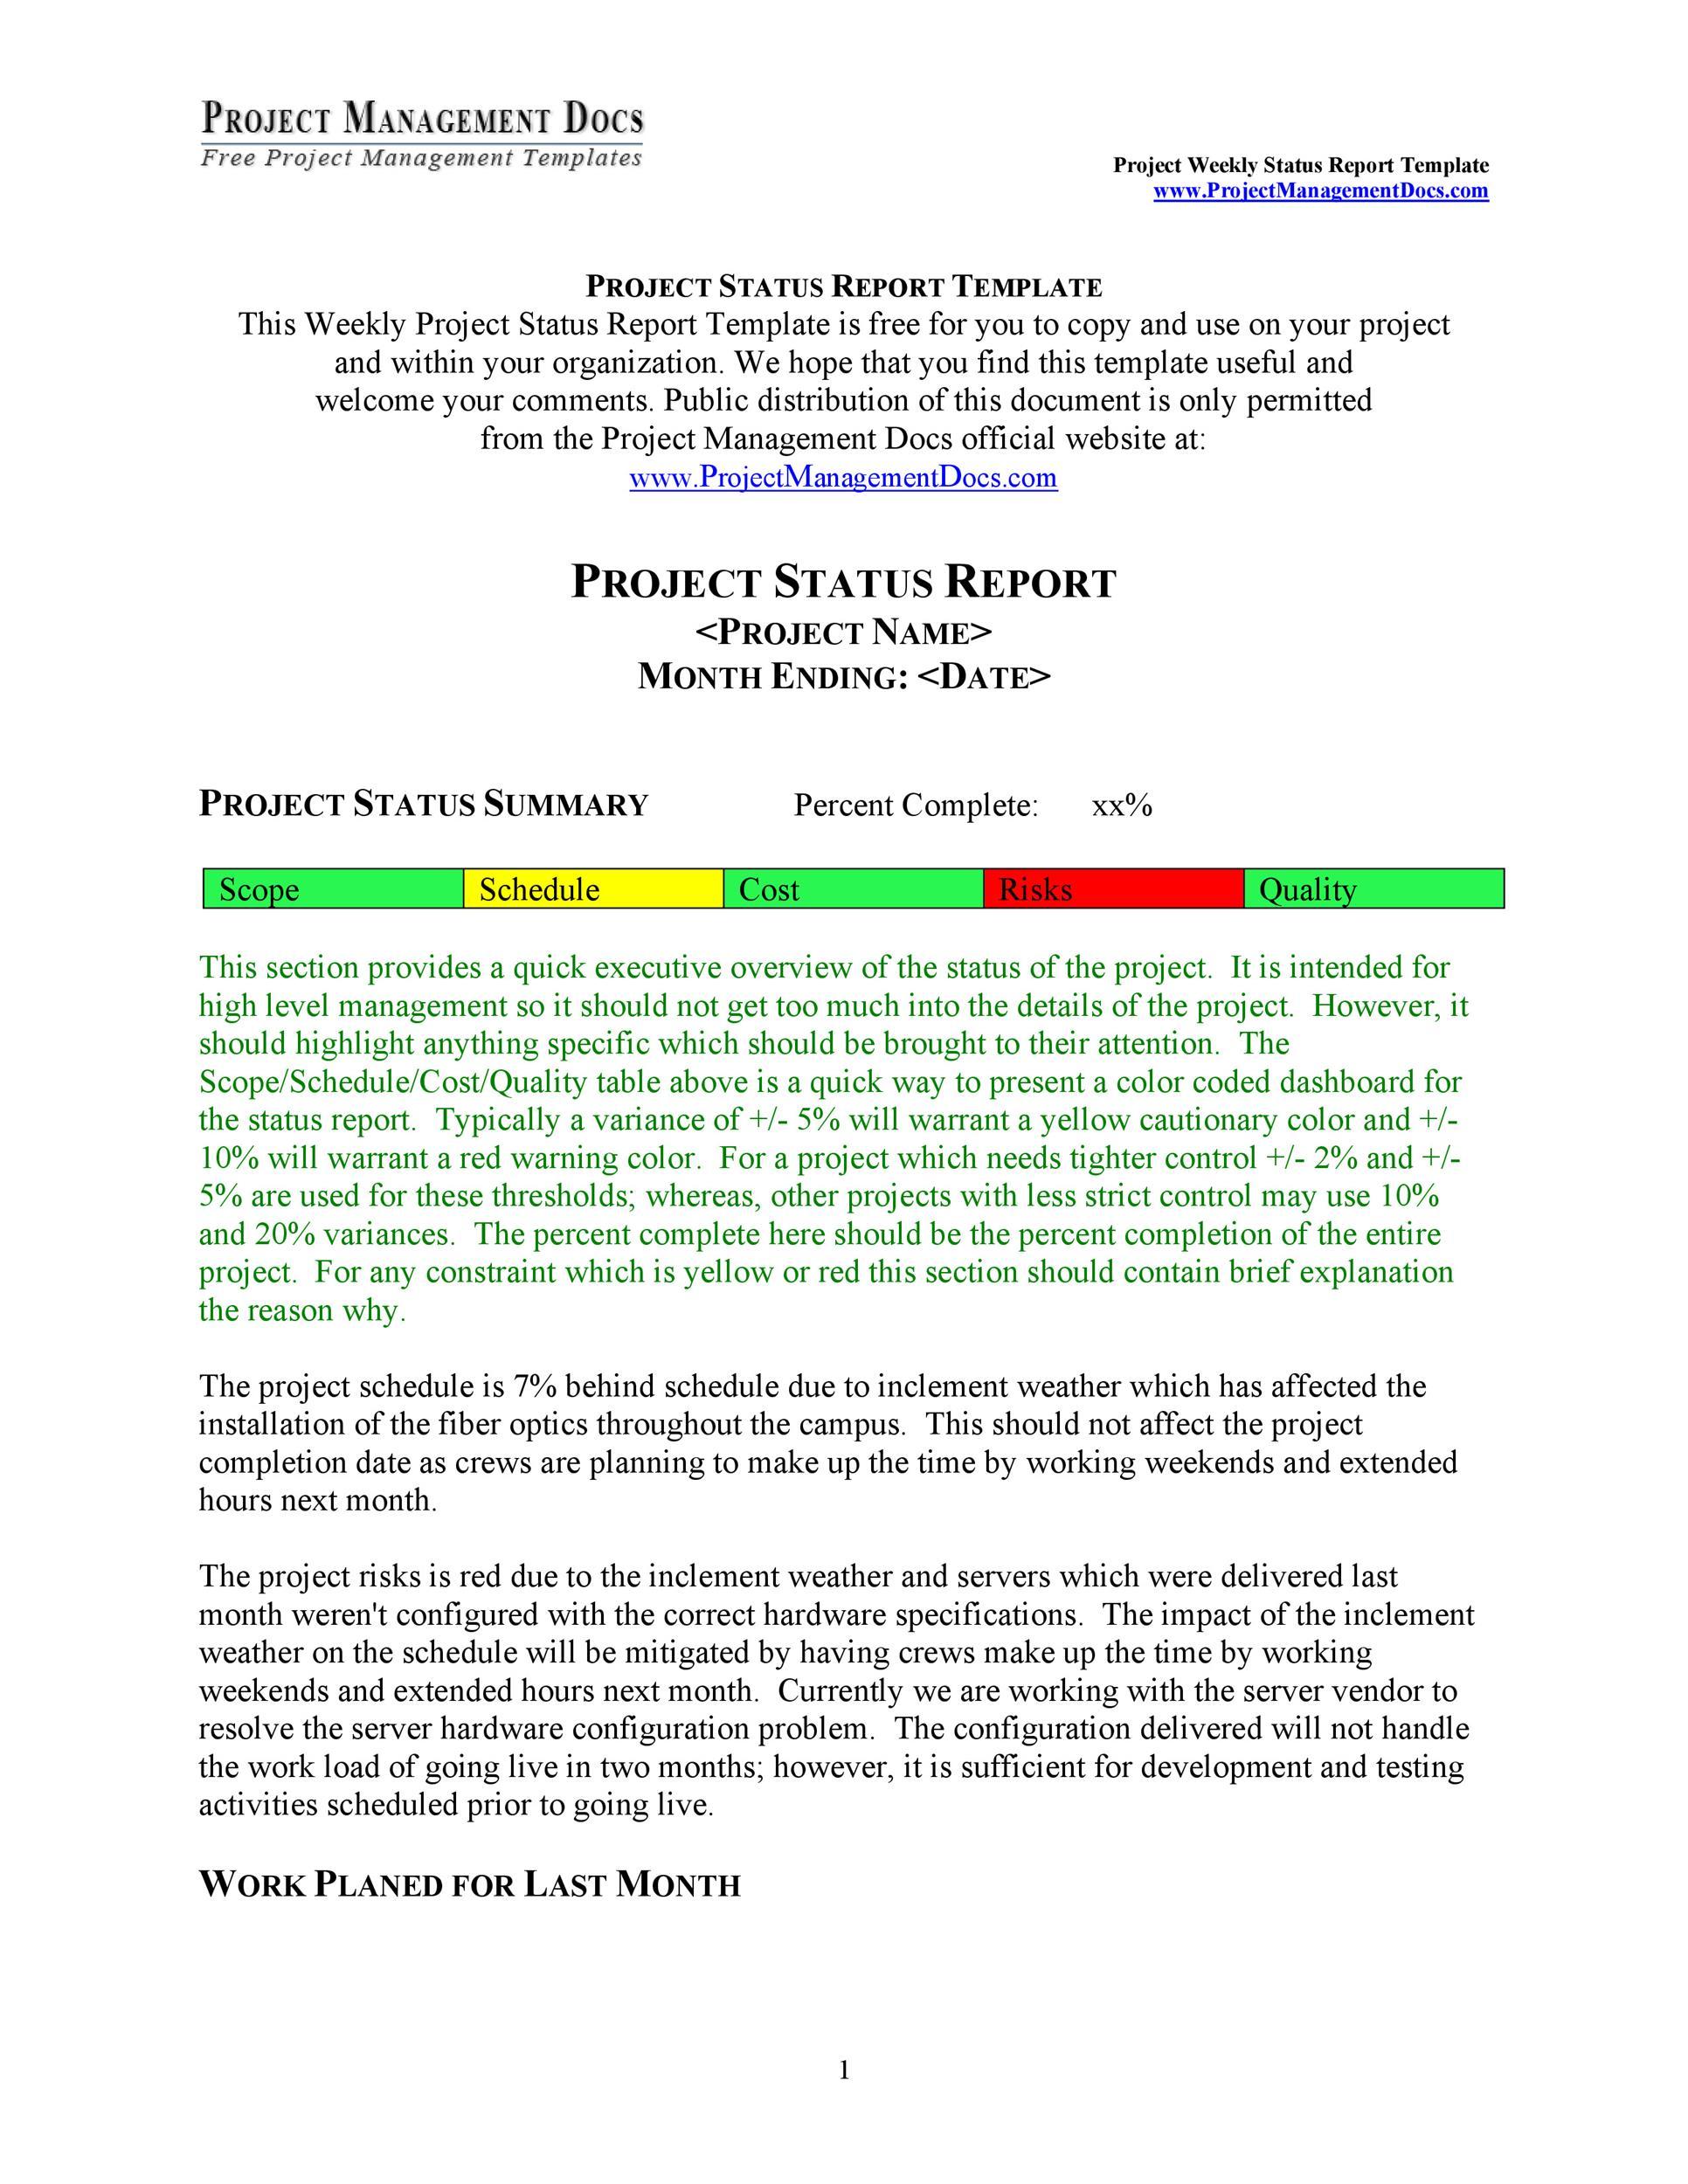 Free status report template 11